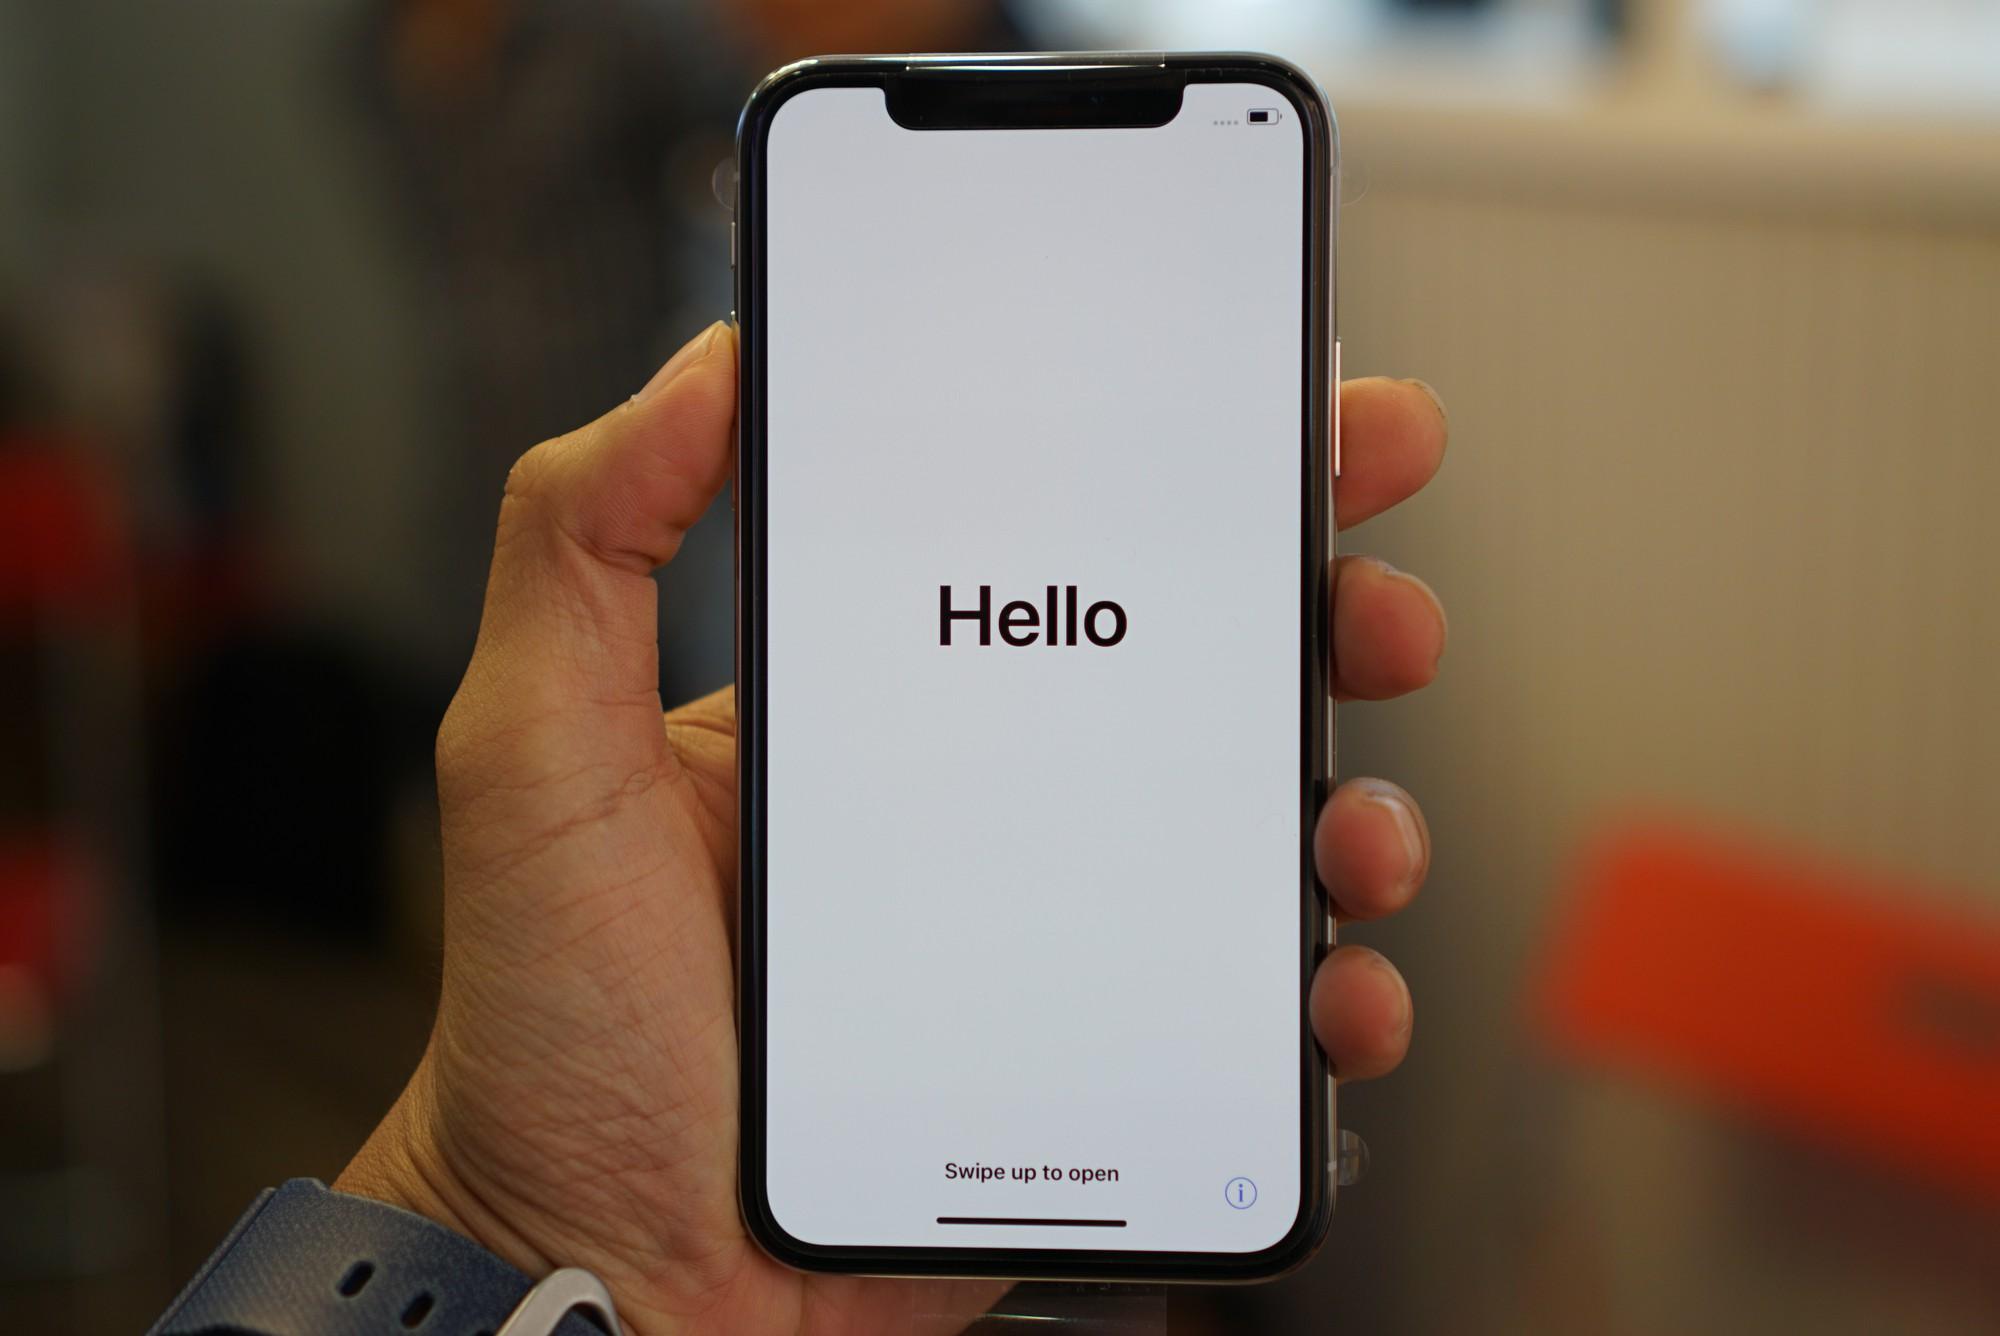 iPhone X giá 68 triệu đây rồi: Màn hình đẹp sắc sảo, thiết kế toàn diện, thao tác hoàn toàn mới - Ảnh 5.